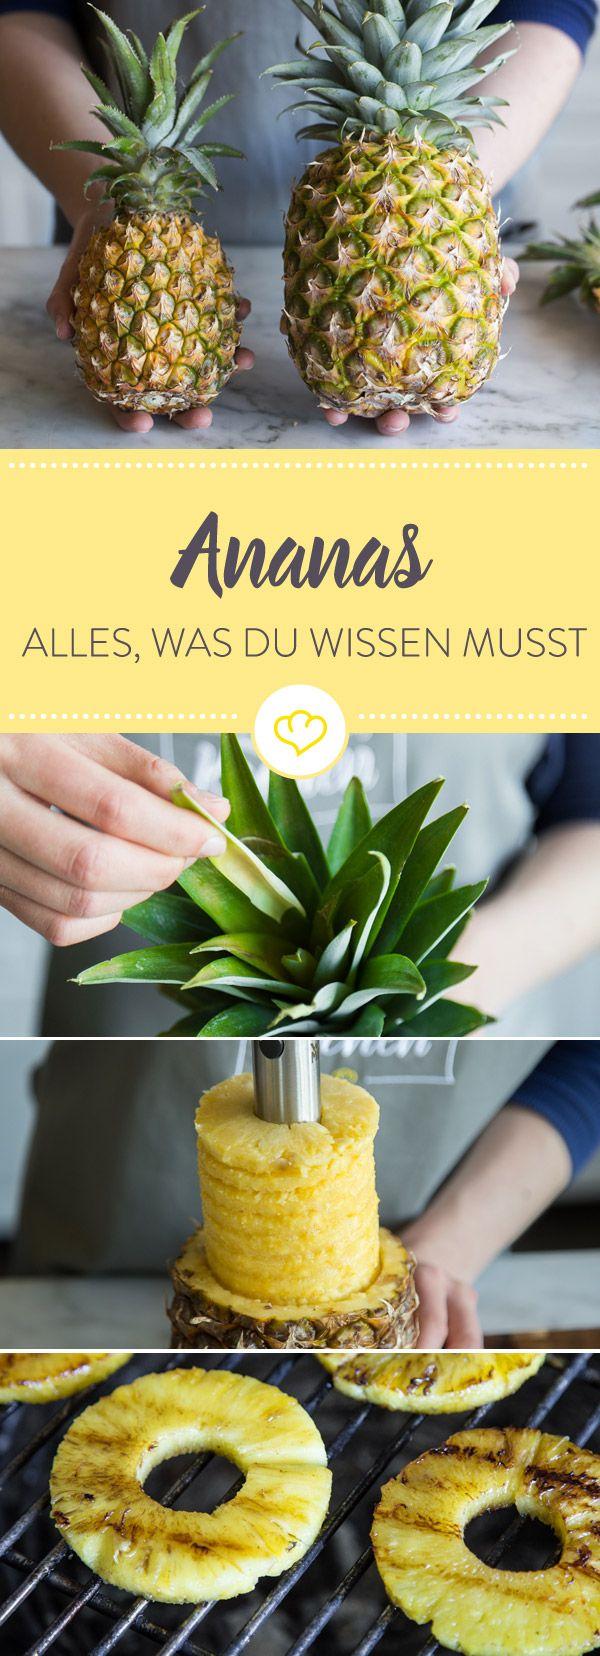 Ananas ist nicht nur aromatisch-süß, sondern auch kalorienarm und voller wichtiger Nährstoffe. Hier erfährst du Wissenswertes rund um die beliebte Südfucht.